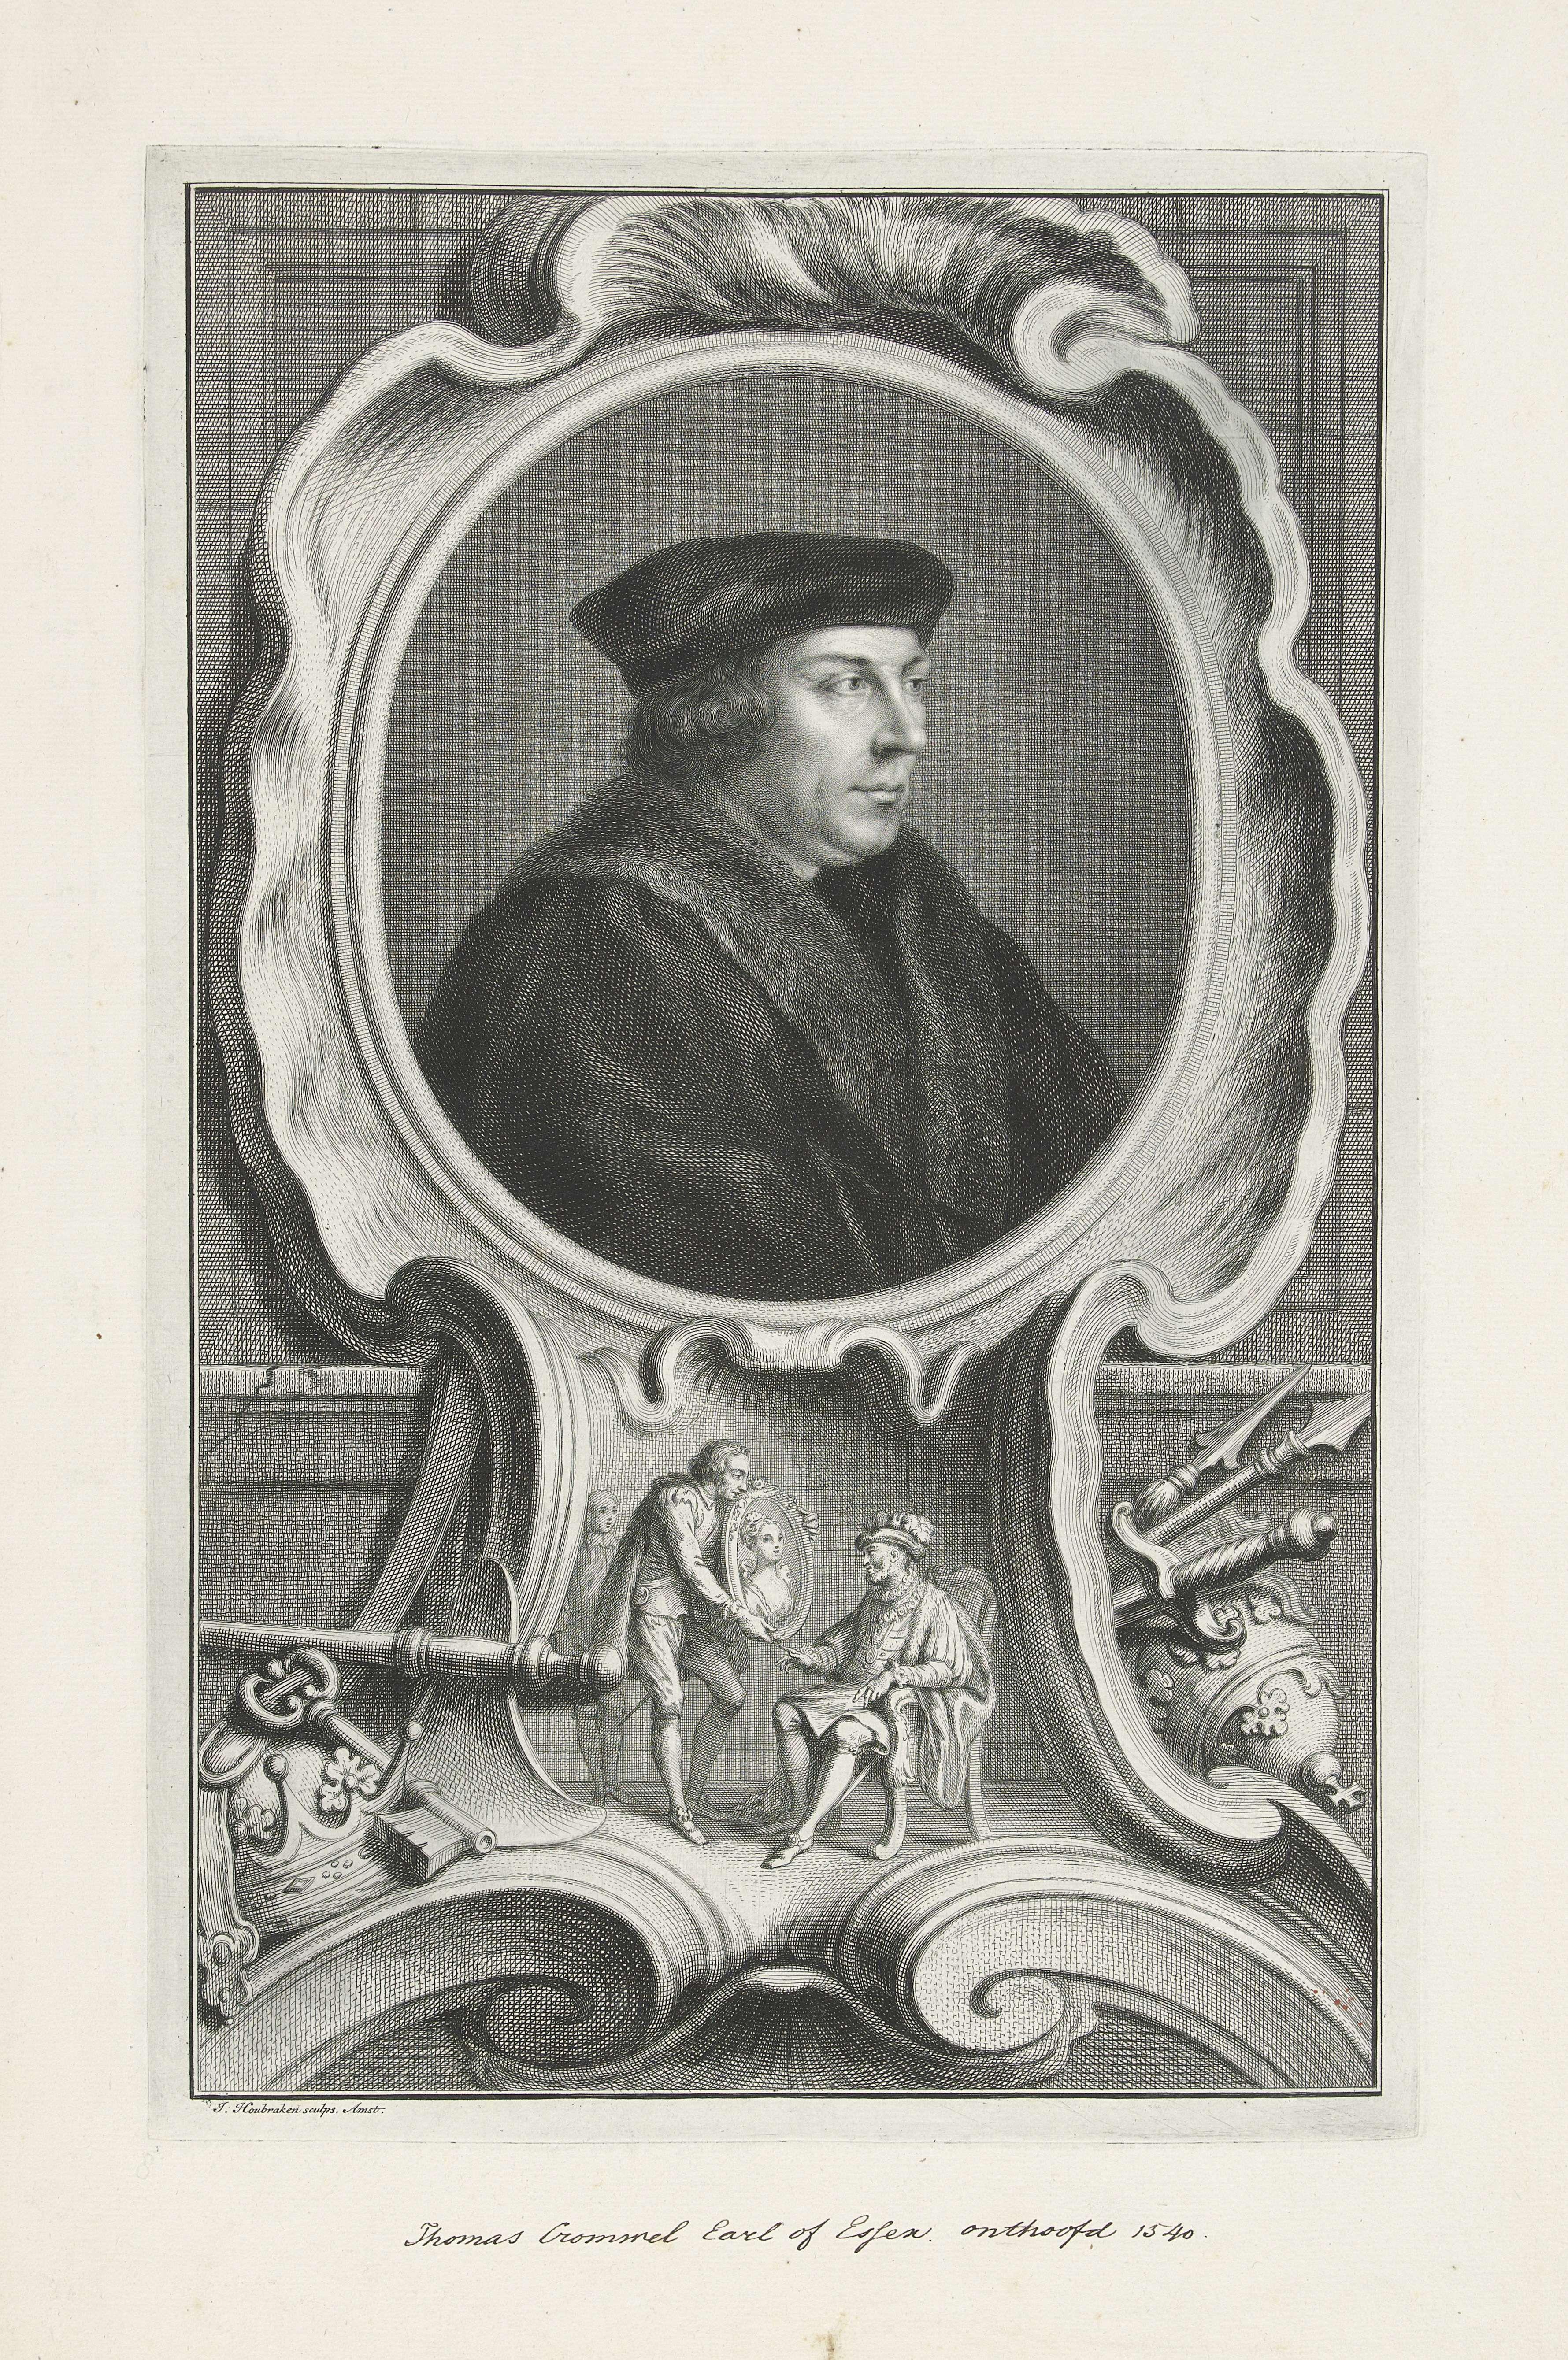 Jacob Houbraken | Portret van Thomas Cromwell, Jacob Houbraken, Hans Holbein, 1737 - 1739 | Portret van Thomas Cromwell. Onder het portret een afbeelding waarin Thomas Cromwell aan Henrik VIII het portret toont van Anna van Kleef.